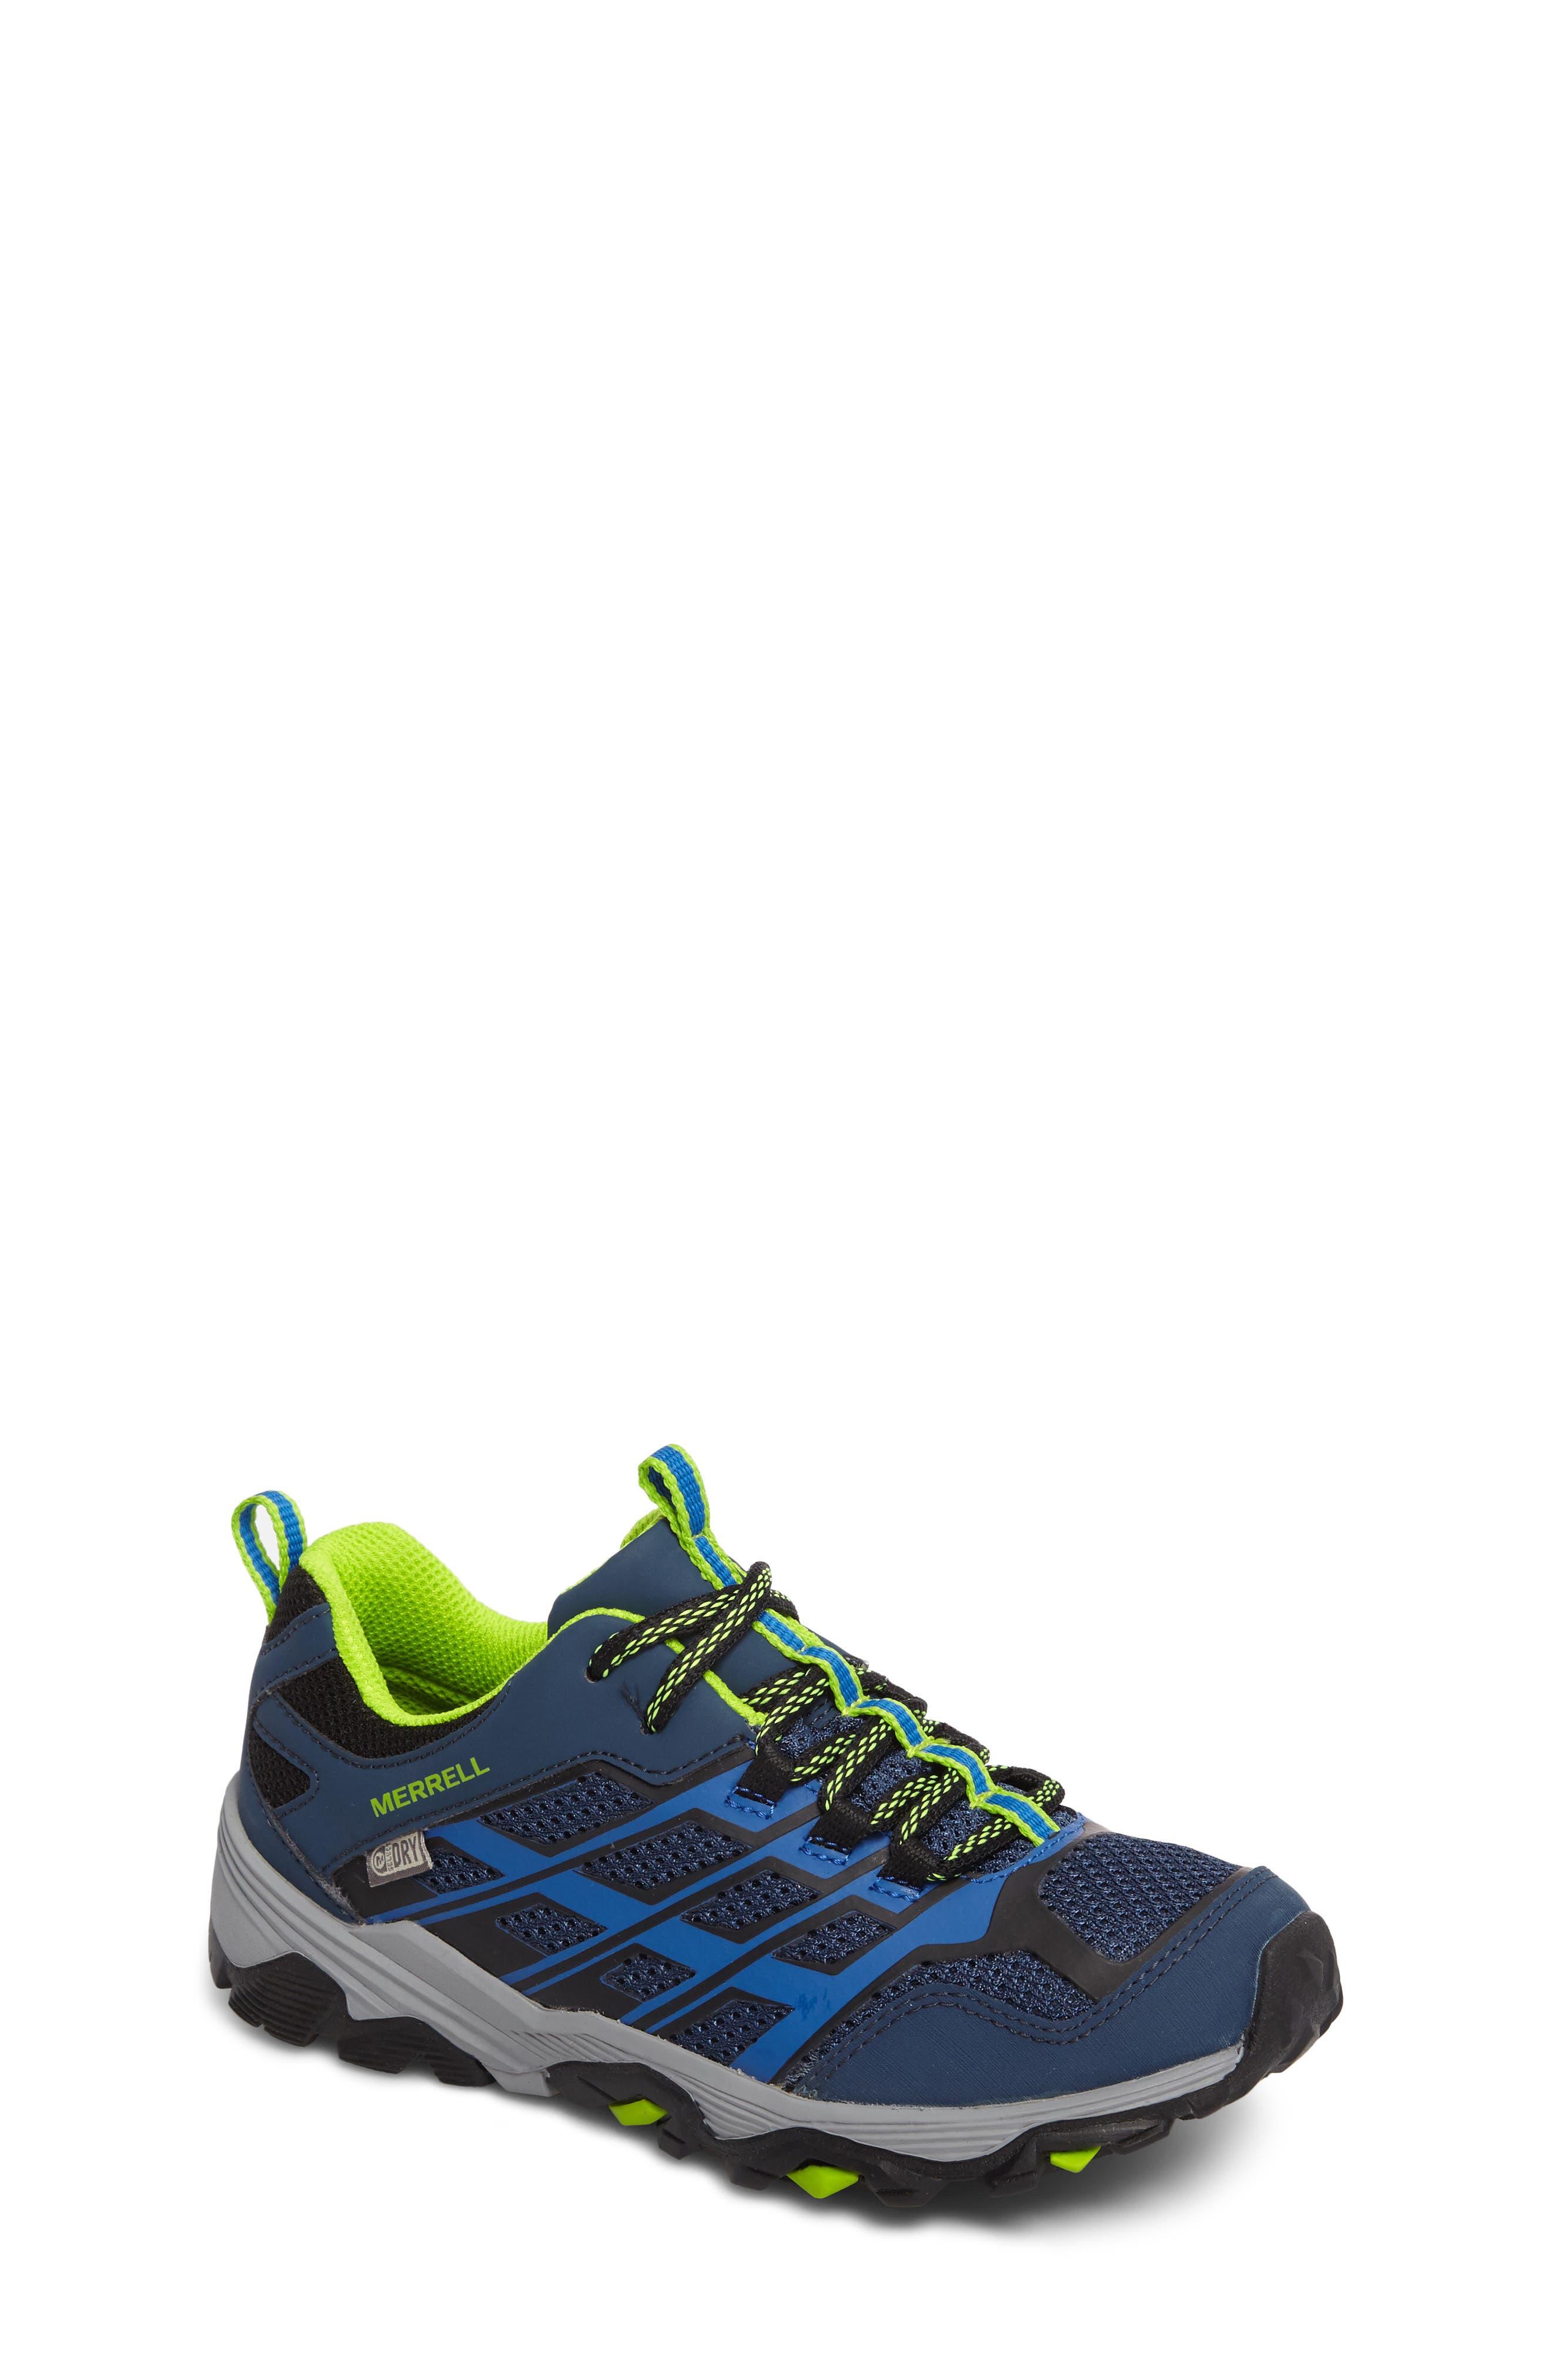 Toddler Girls Merrell Moab Fst Polar Low Waterproof Sneaker Size 115 W  Blue